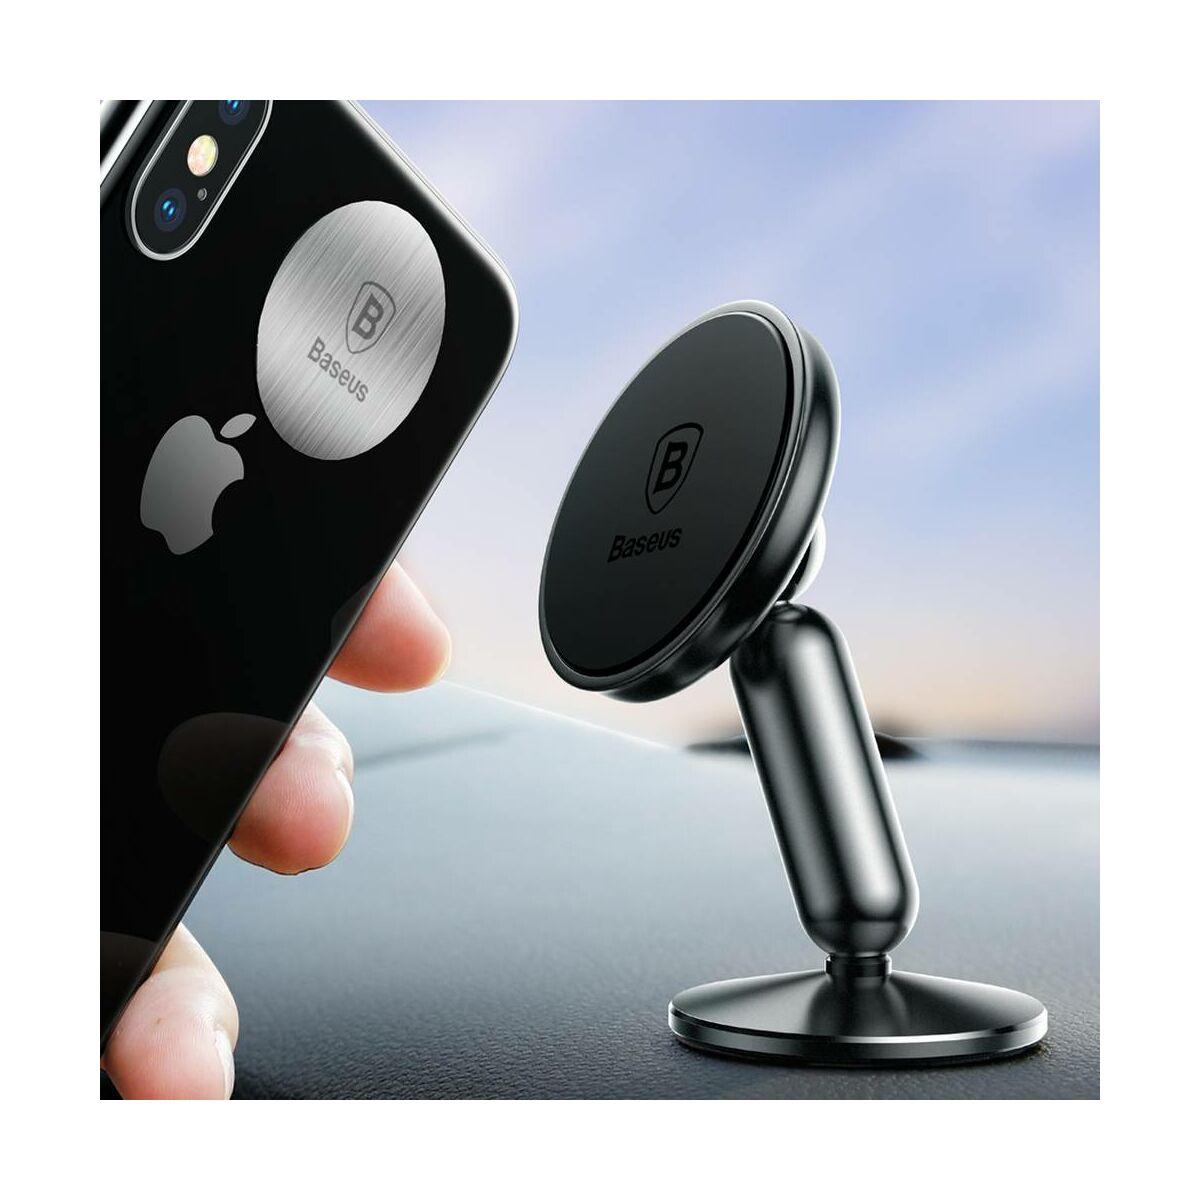 Baseus autós telefontartó, Bullet mágneses műszerfalra rögzíthető, fekete (SUYZD-01)